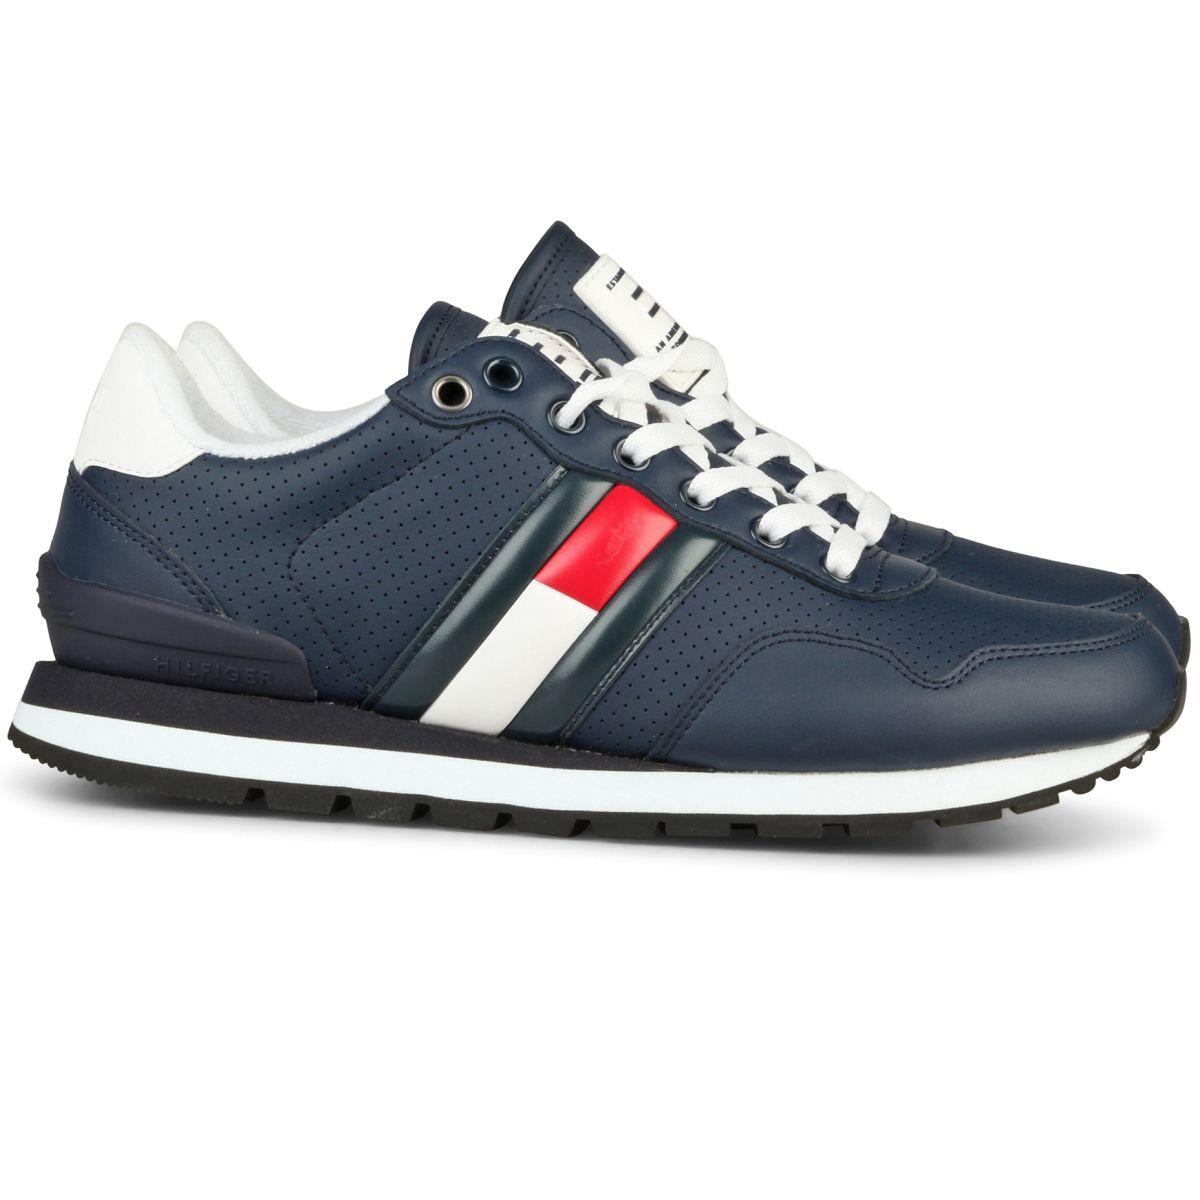 83f27d92f2219c Tommy Hilfiger schoenen voor heren. Blauwe sneaker uit de zomer 2019  collectie.